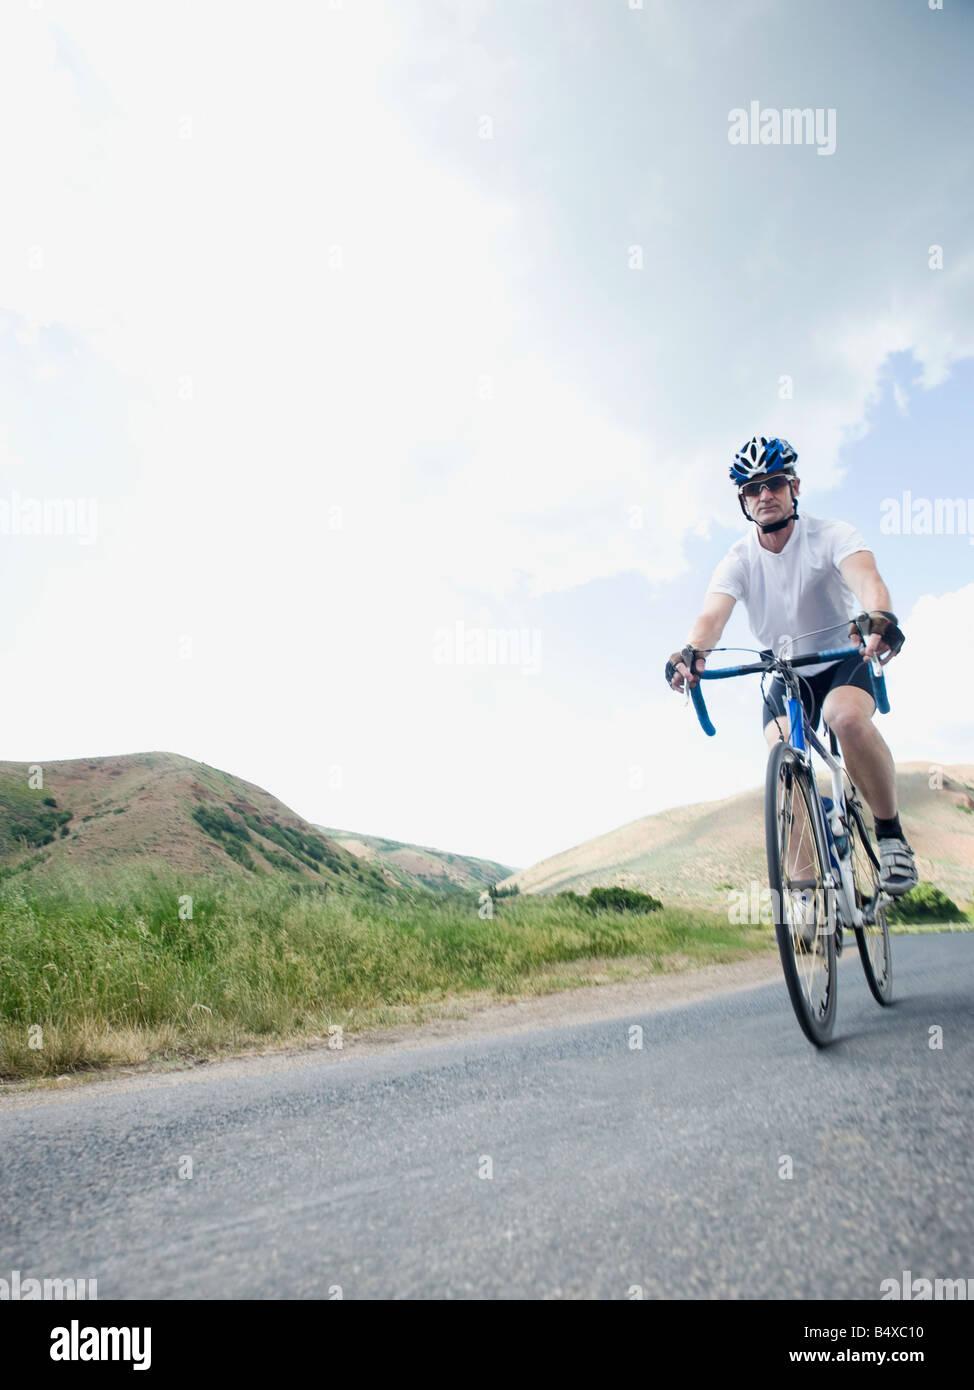 Cycliste sur route de campagne Photo Stock